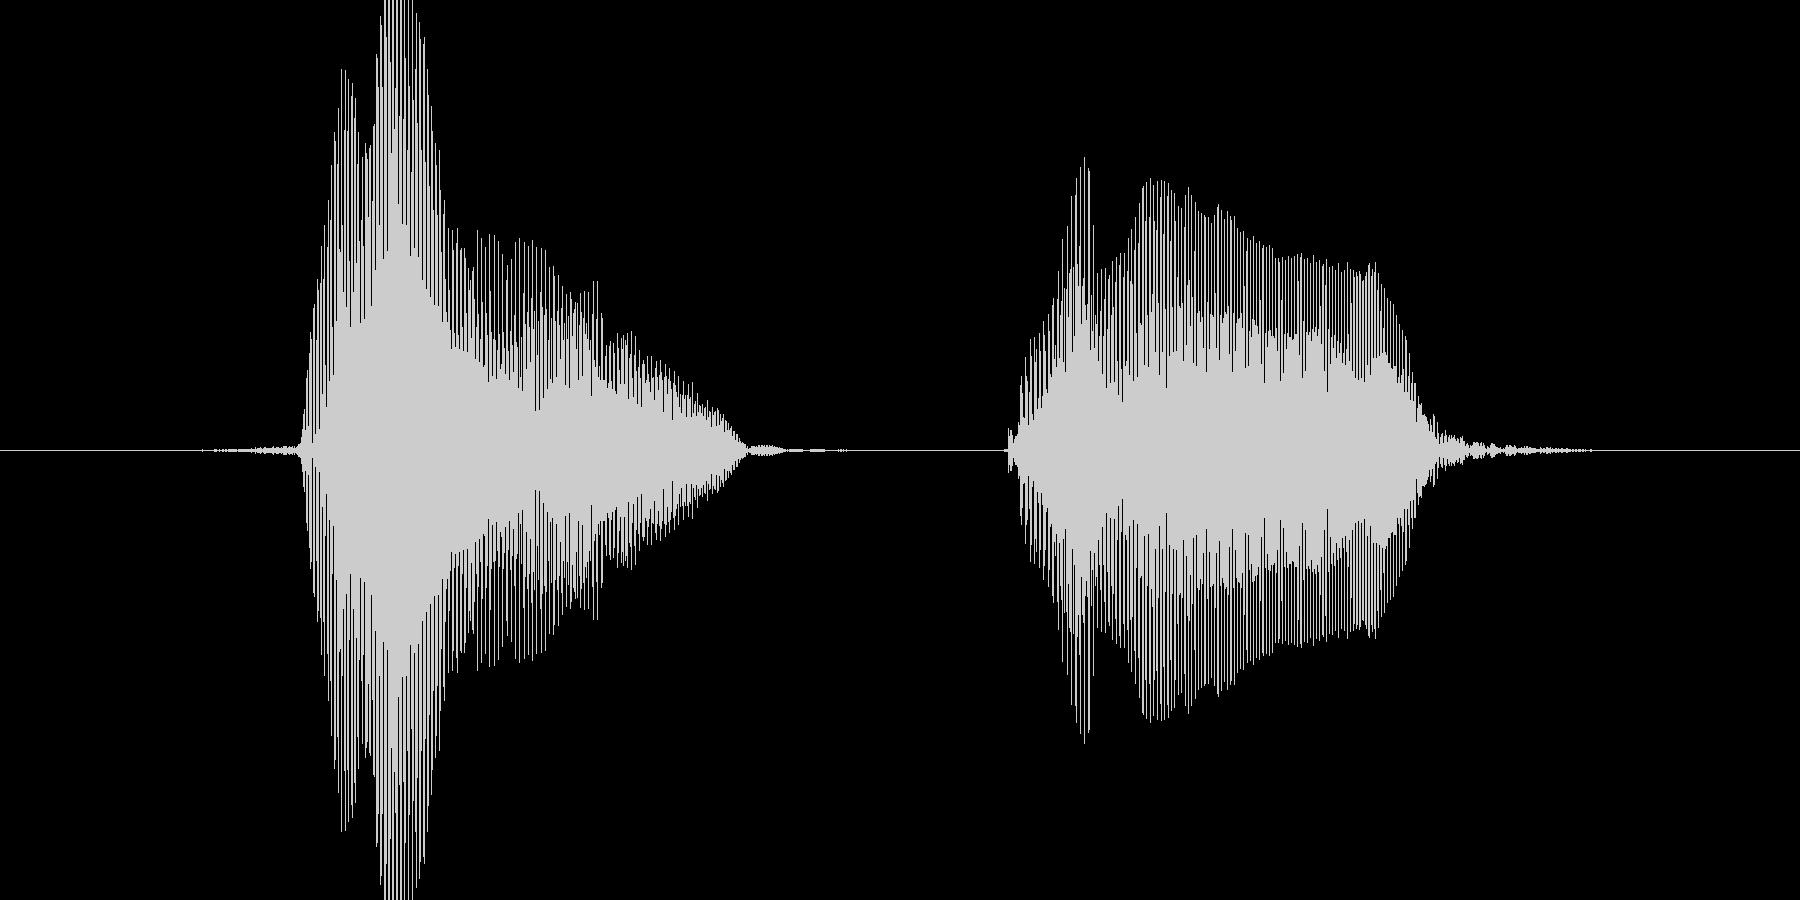 ファイト!の未再生の波形